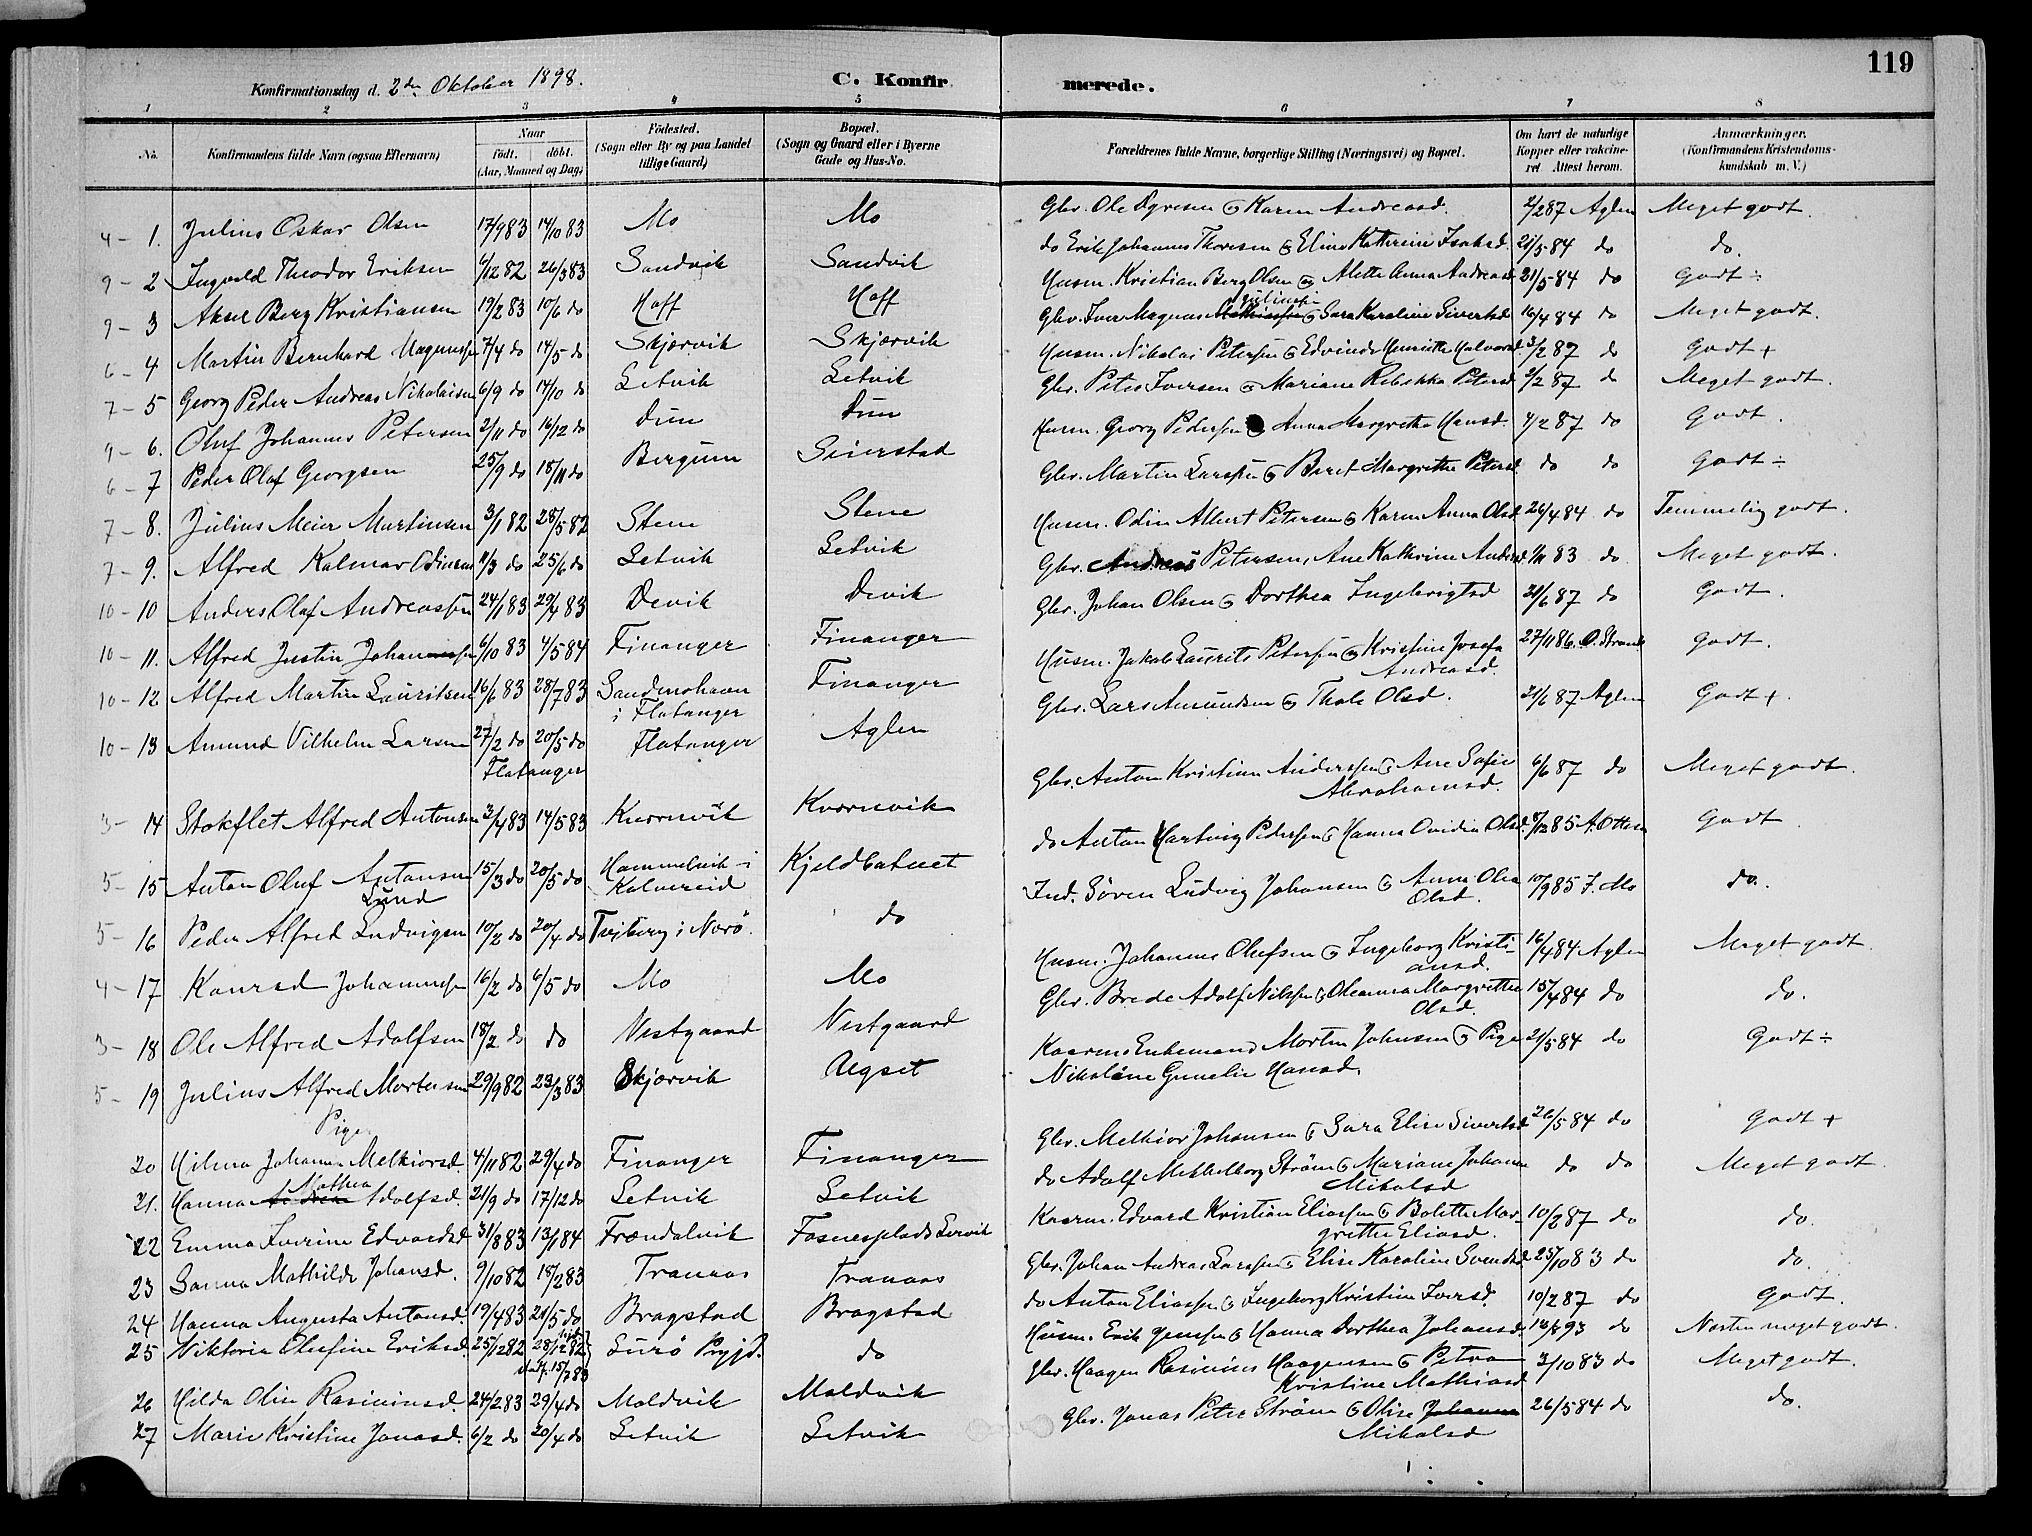 SAT, Ministerialprotokoller, klokkerbøker og fødselsregistre - Nord-Trøndelag, 773/L0617: Ministerialbok nr. 773A08, 1887-1910, s. 119